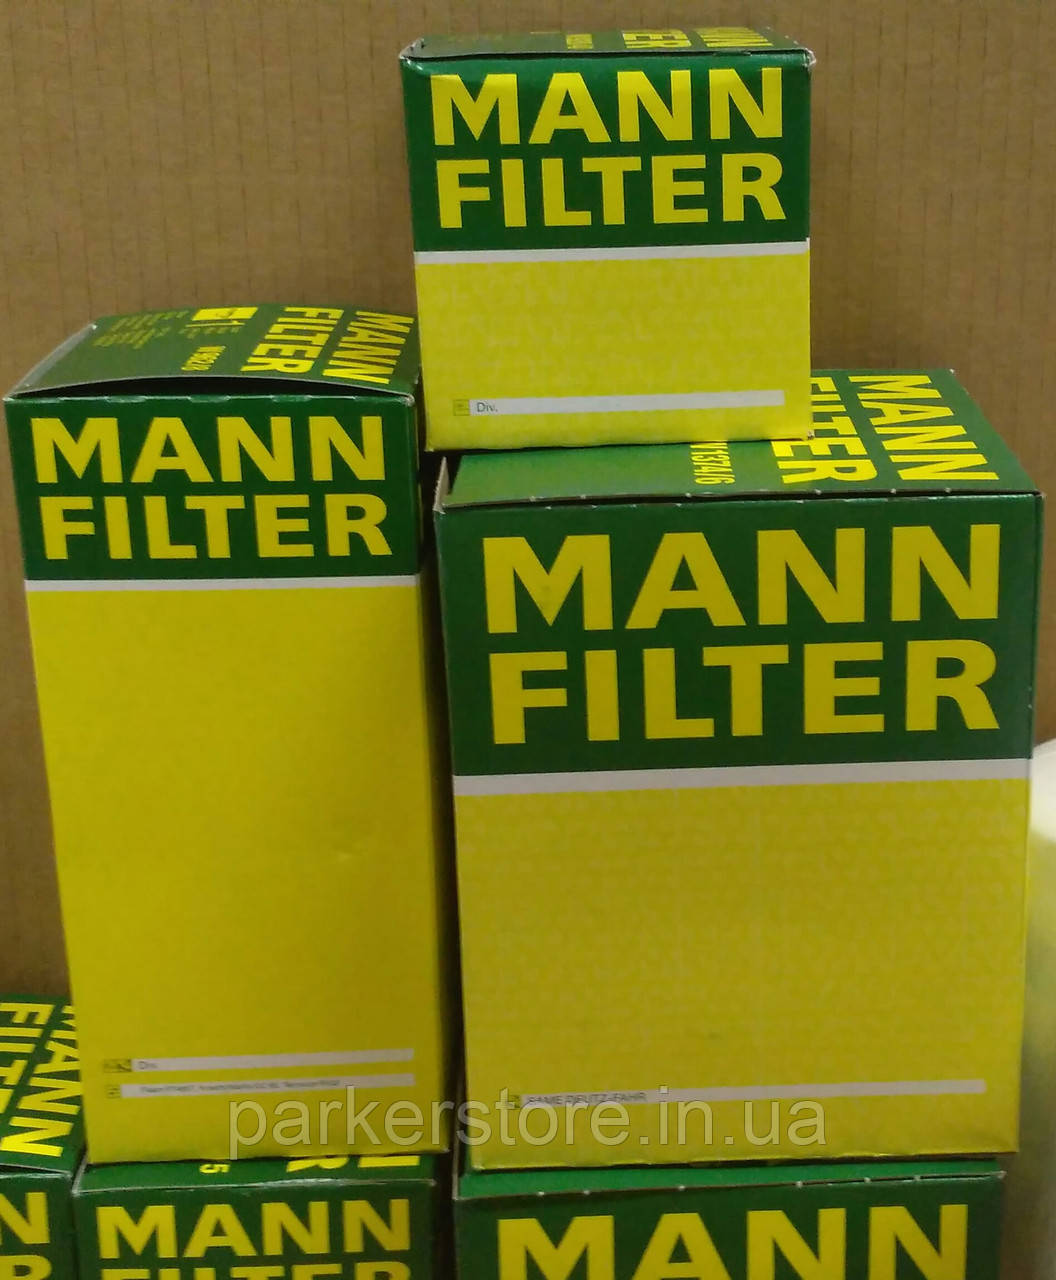 MANN FILTER / Воздушный фильтр / C 34 116/1 / C34116/1